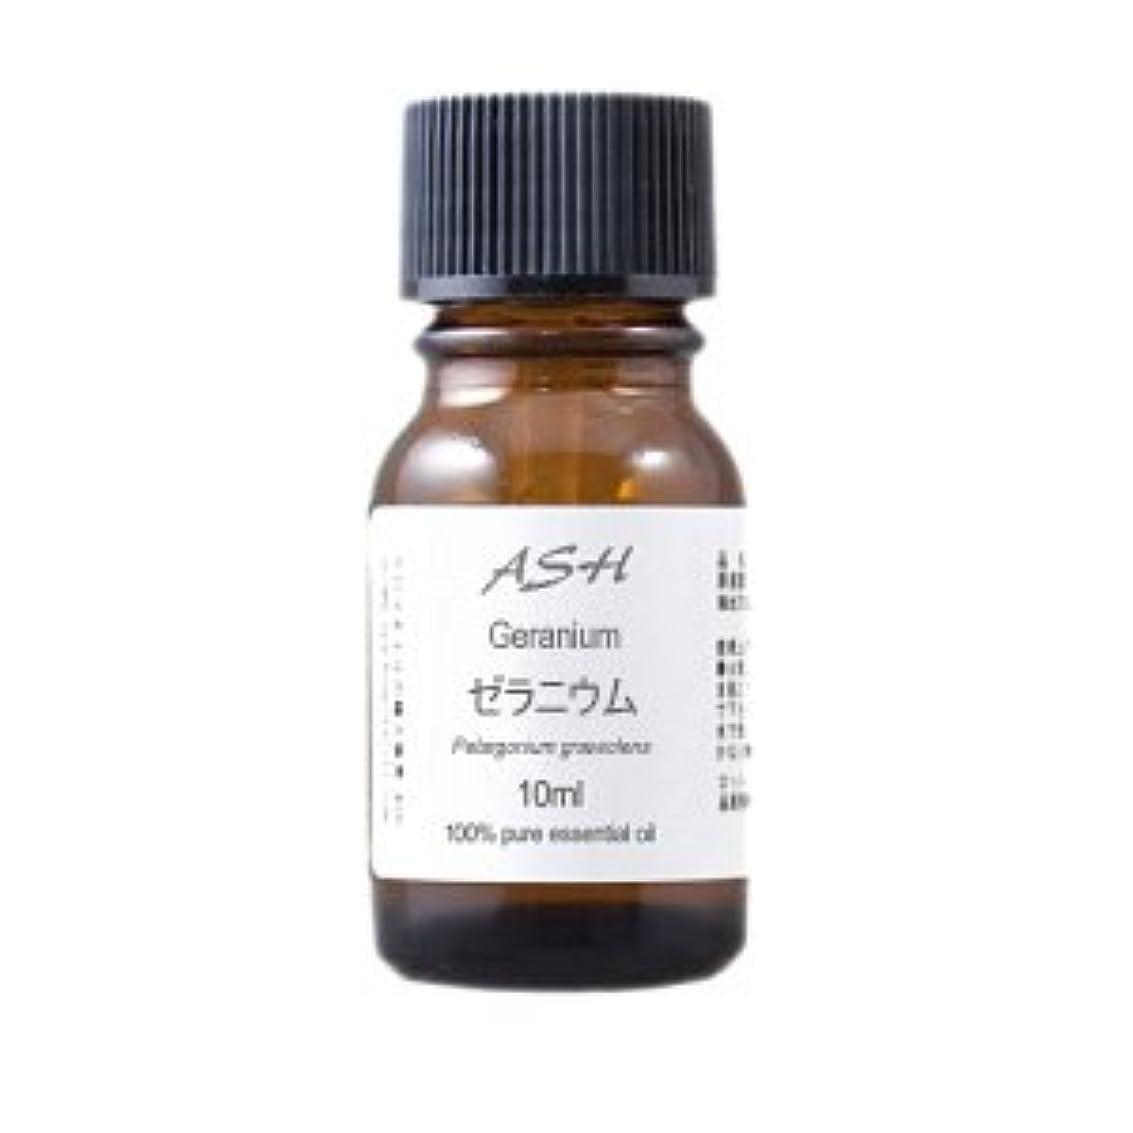 知らせるに賛成衣装ASH ゼラニウム エッセンシャルオイル 10ml AEAJ表示基準適合認定精油